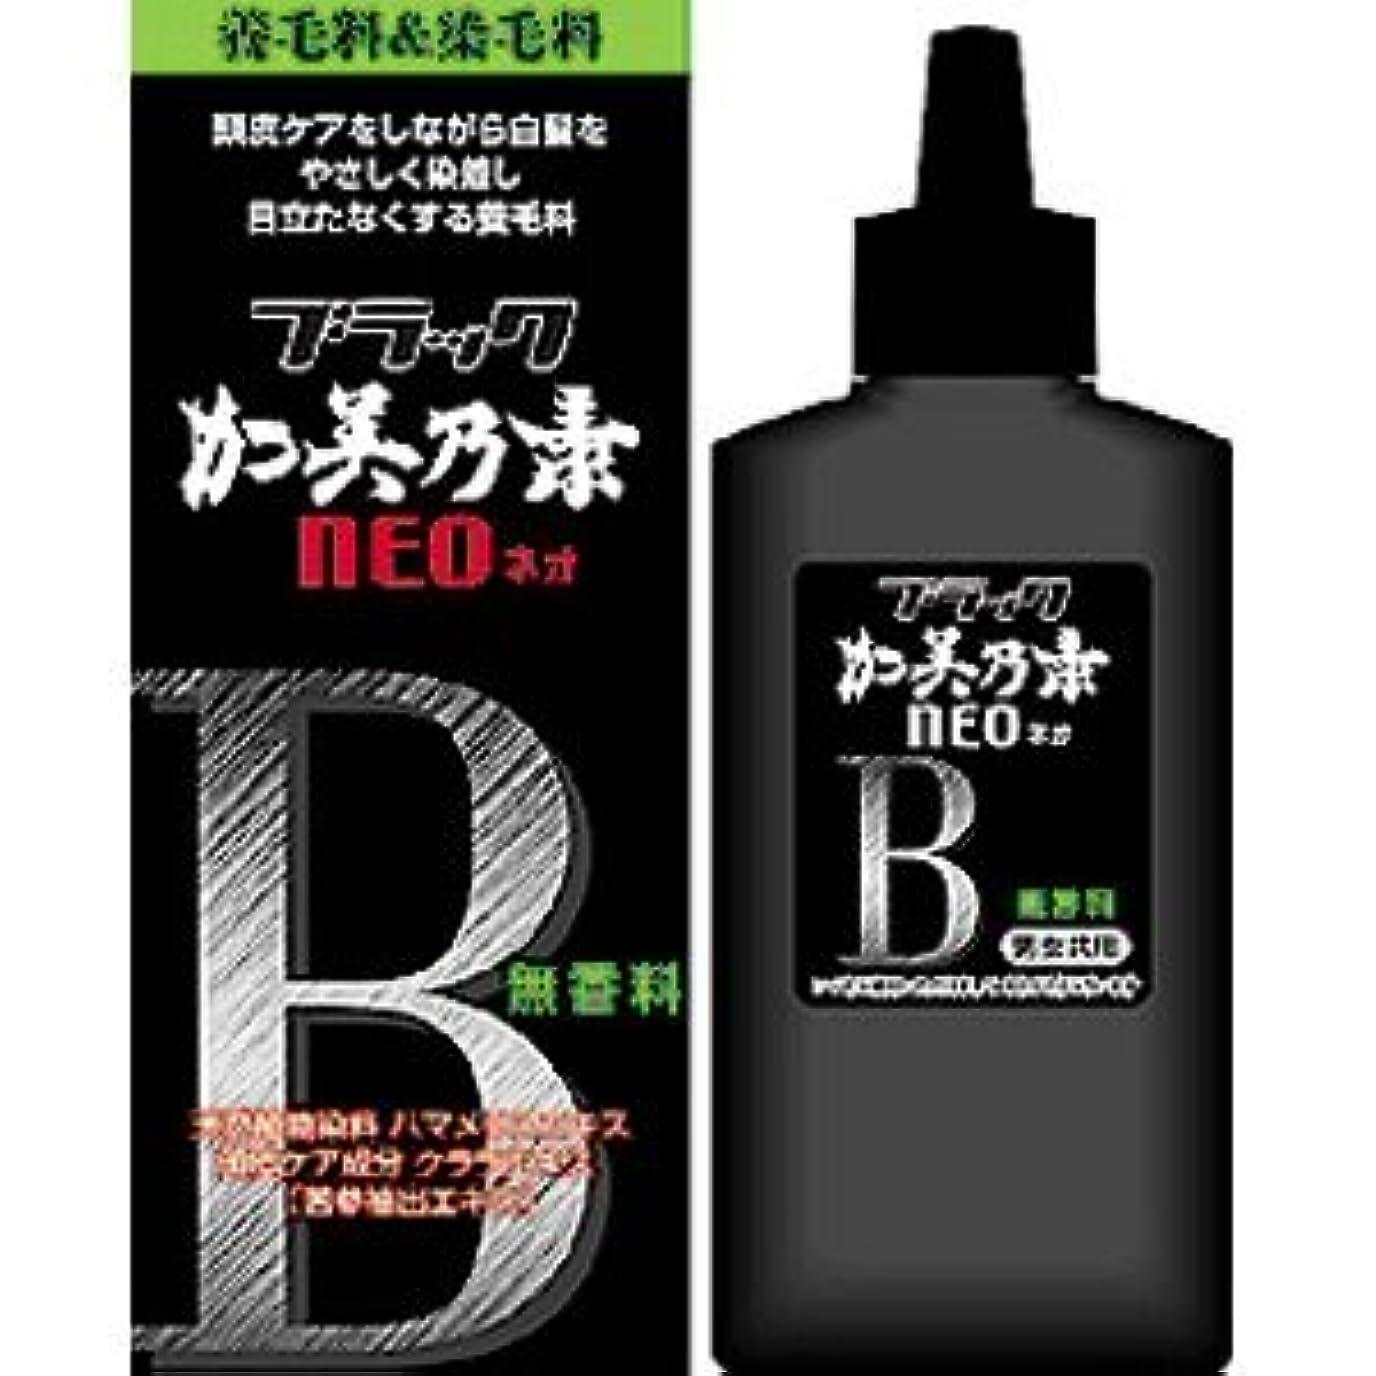 マット典型的な受信機ブラック加美乃素NEO 無香料 150ml (4987046370105)